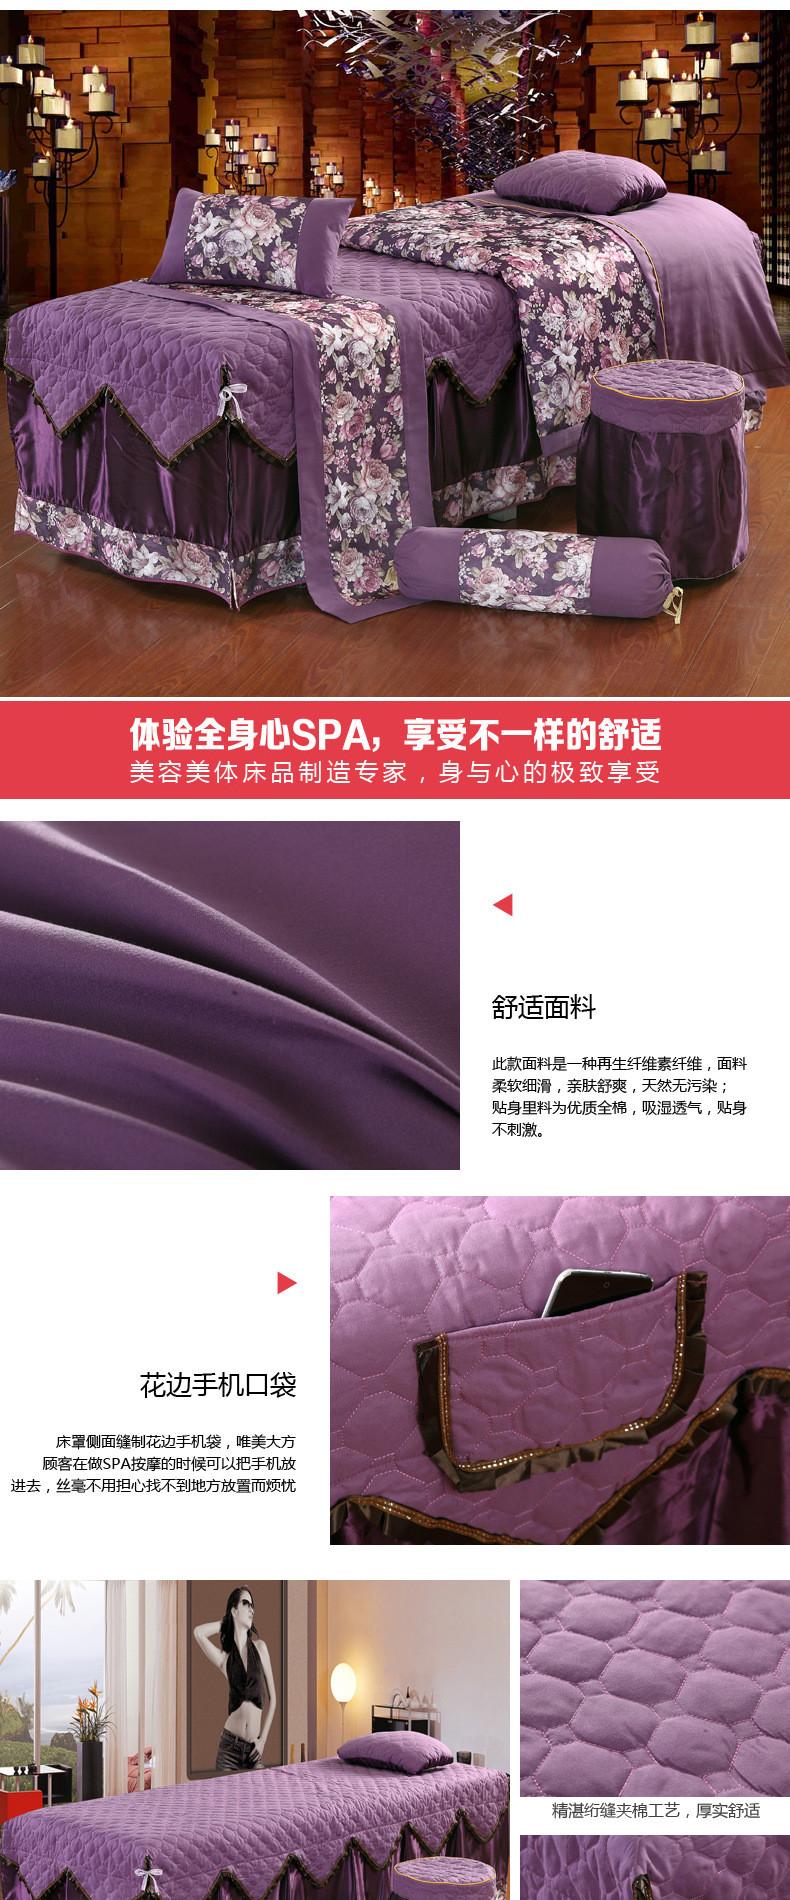 新款包邮高档亲柔棉美容床罩美容美体按摩理疗SPA洗头床罩可定做示例图26